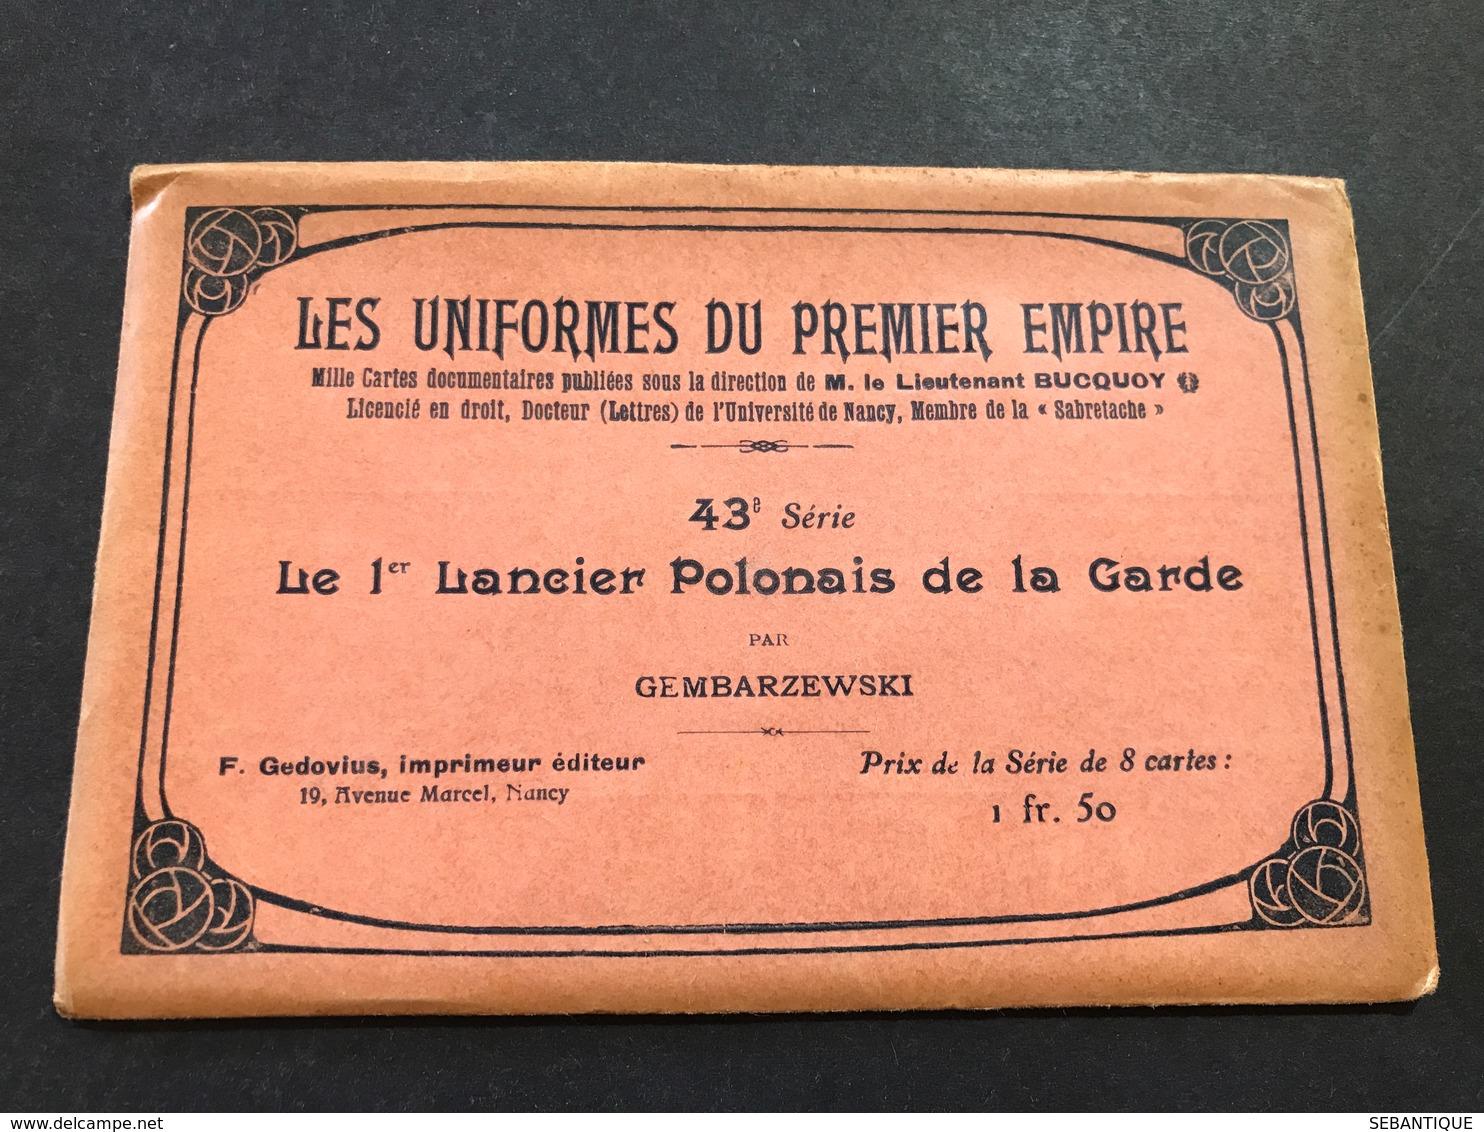 Pochette Seule Uniformes 1° Empire 43 ° Série Le 1 ° Lancier Polonais De La Garde Par Gembarzewski - Uniformes